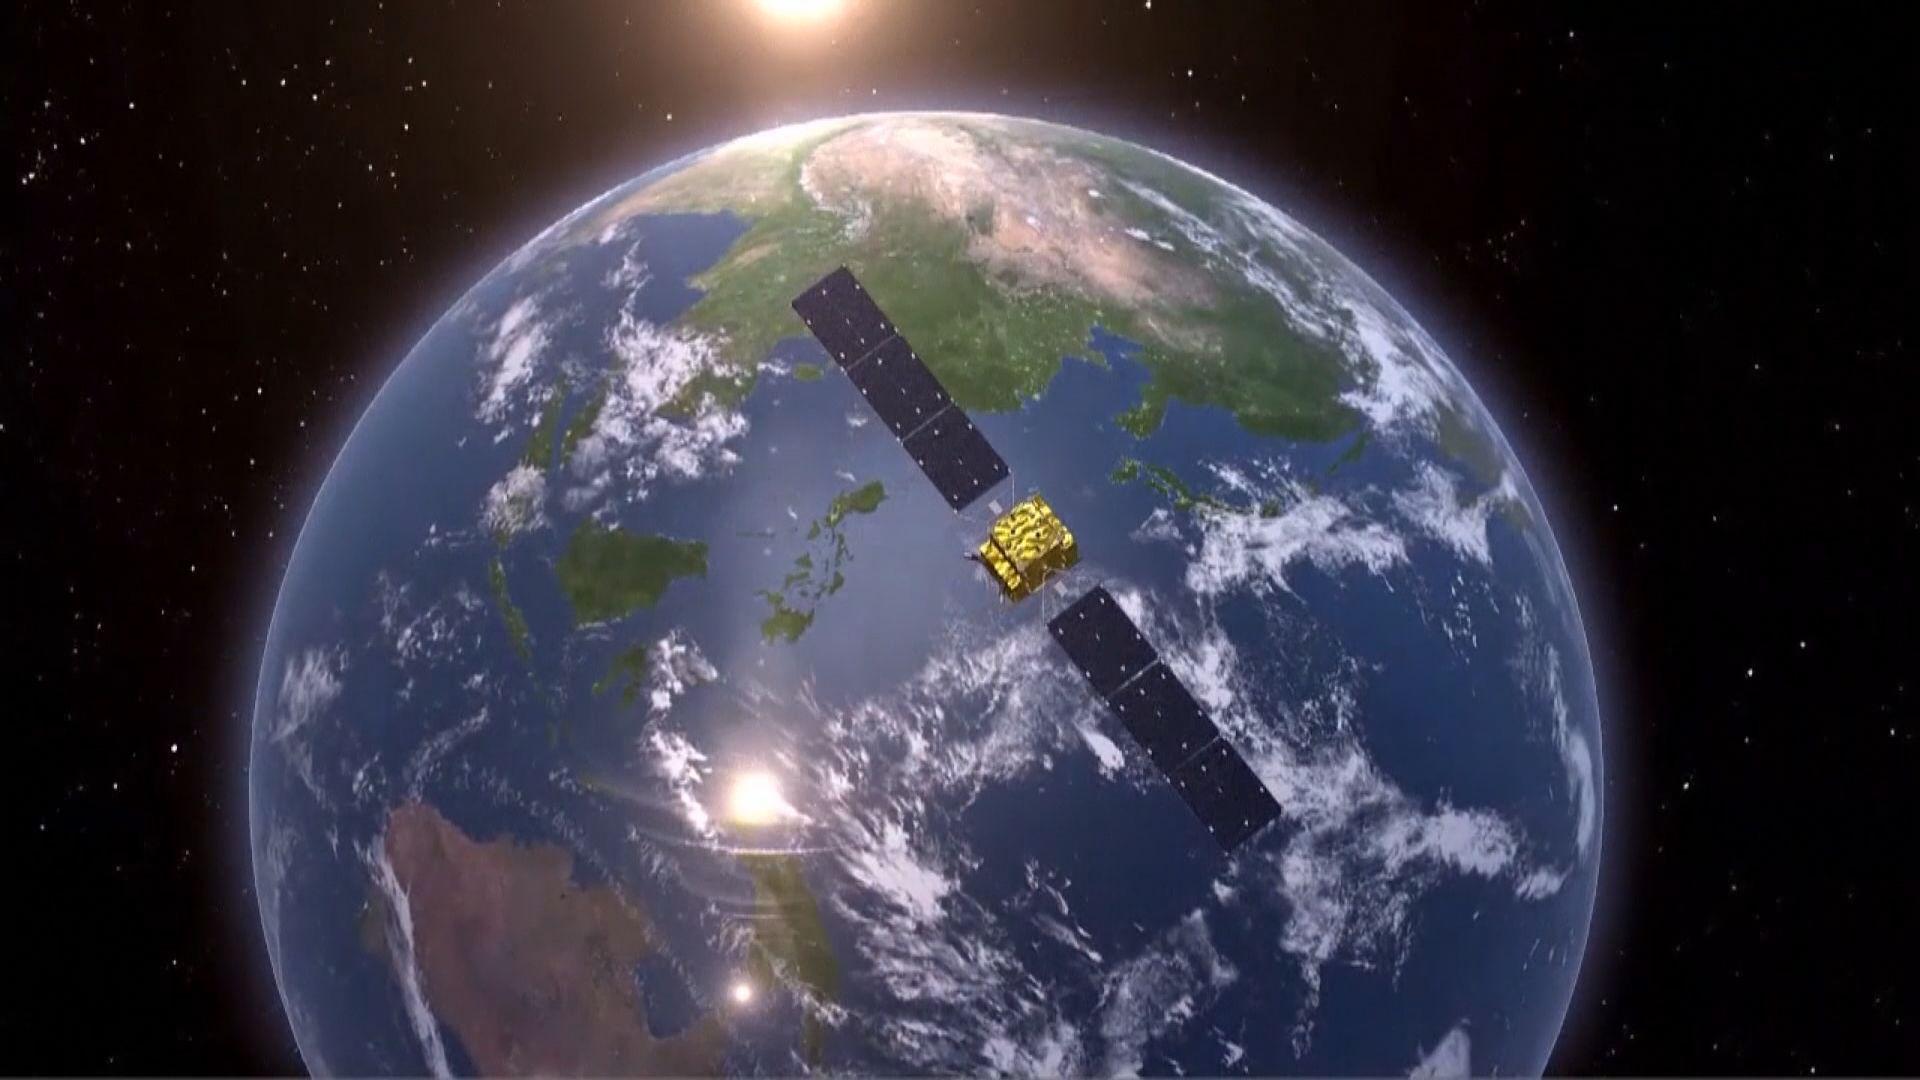 中科院:北斗衛星壽命結束後將棄置太空